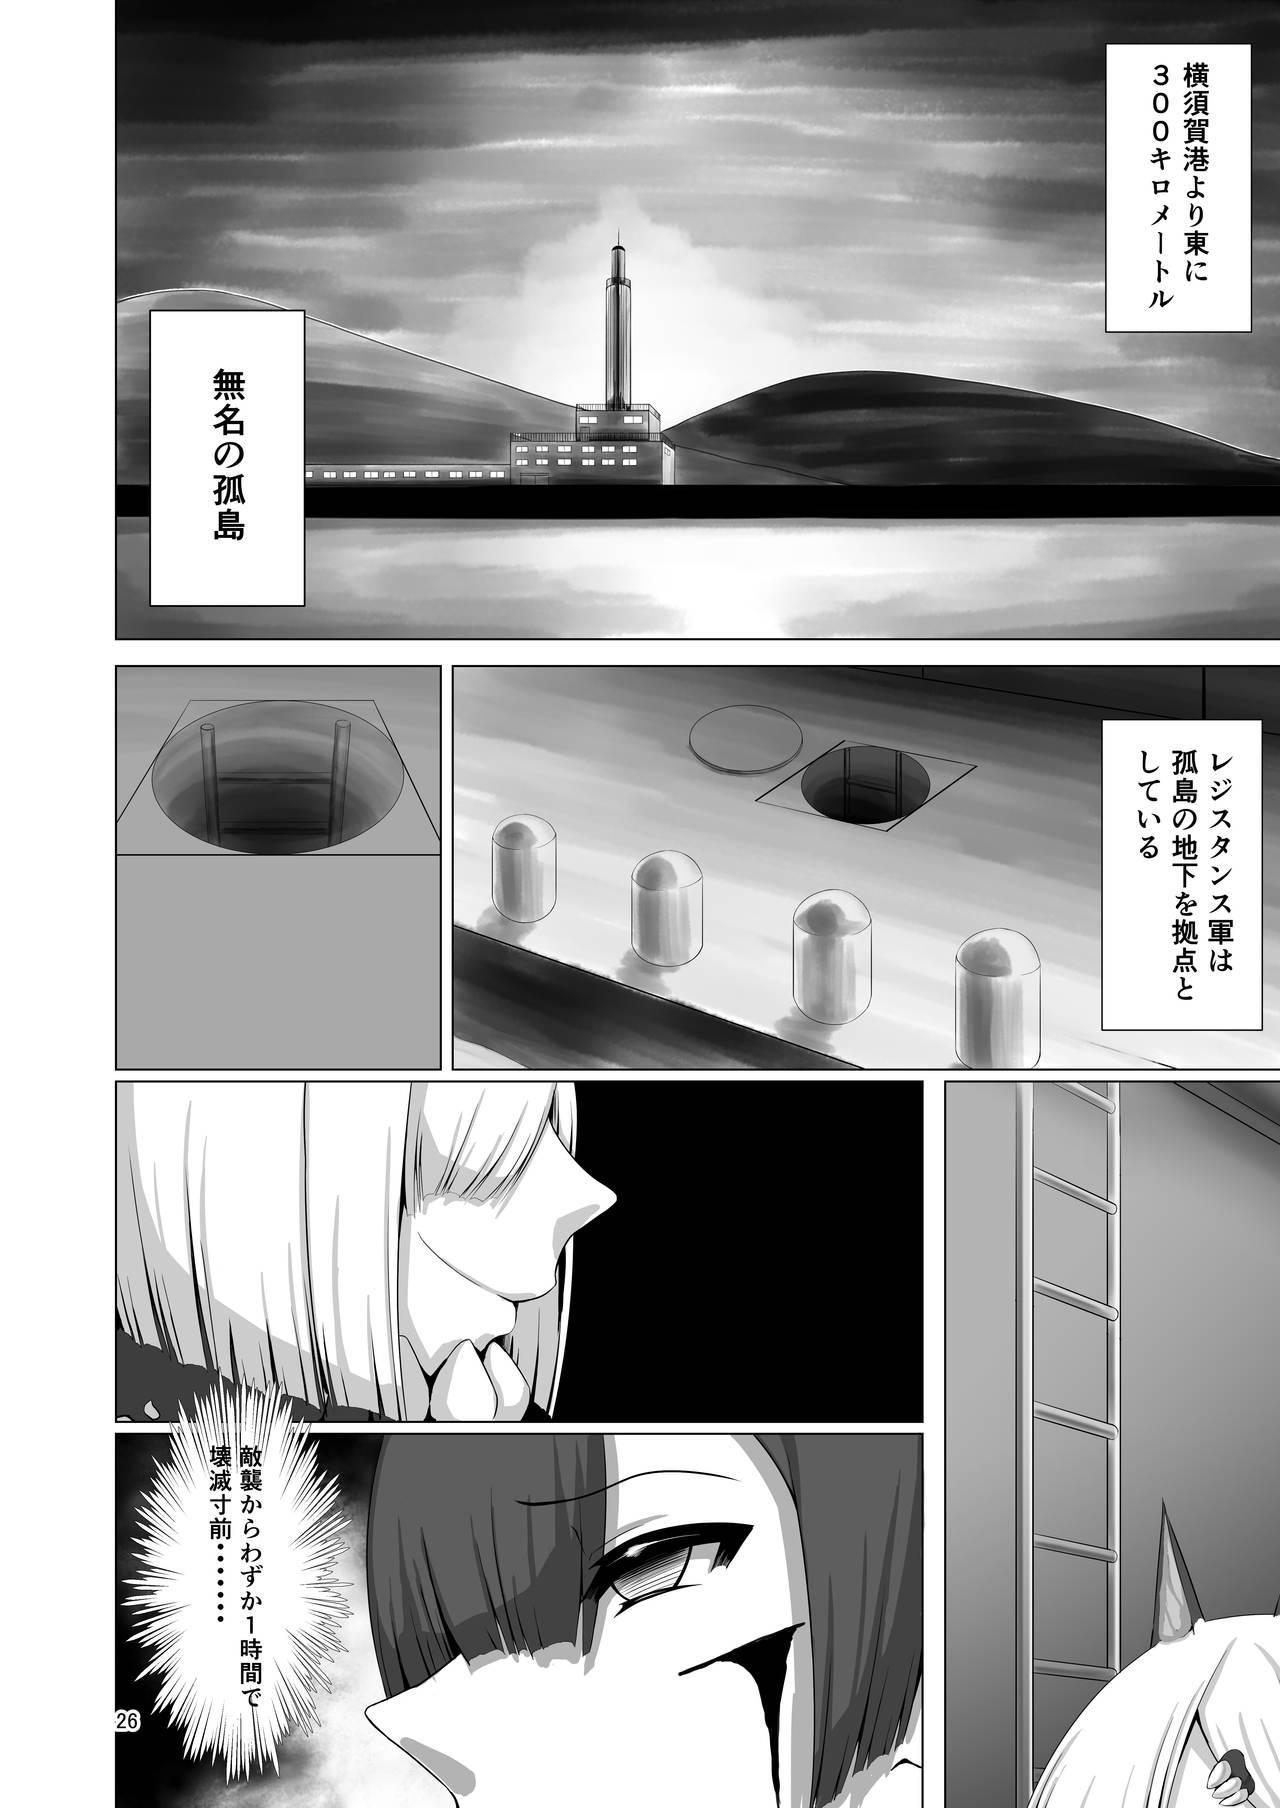 Juuyoku Shinshoku 25